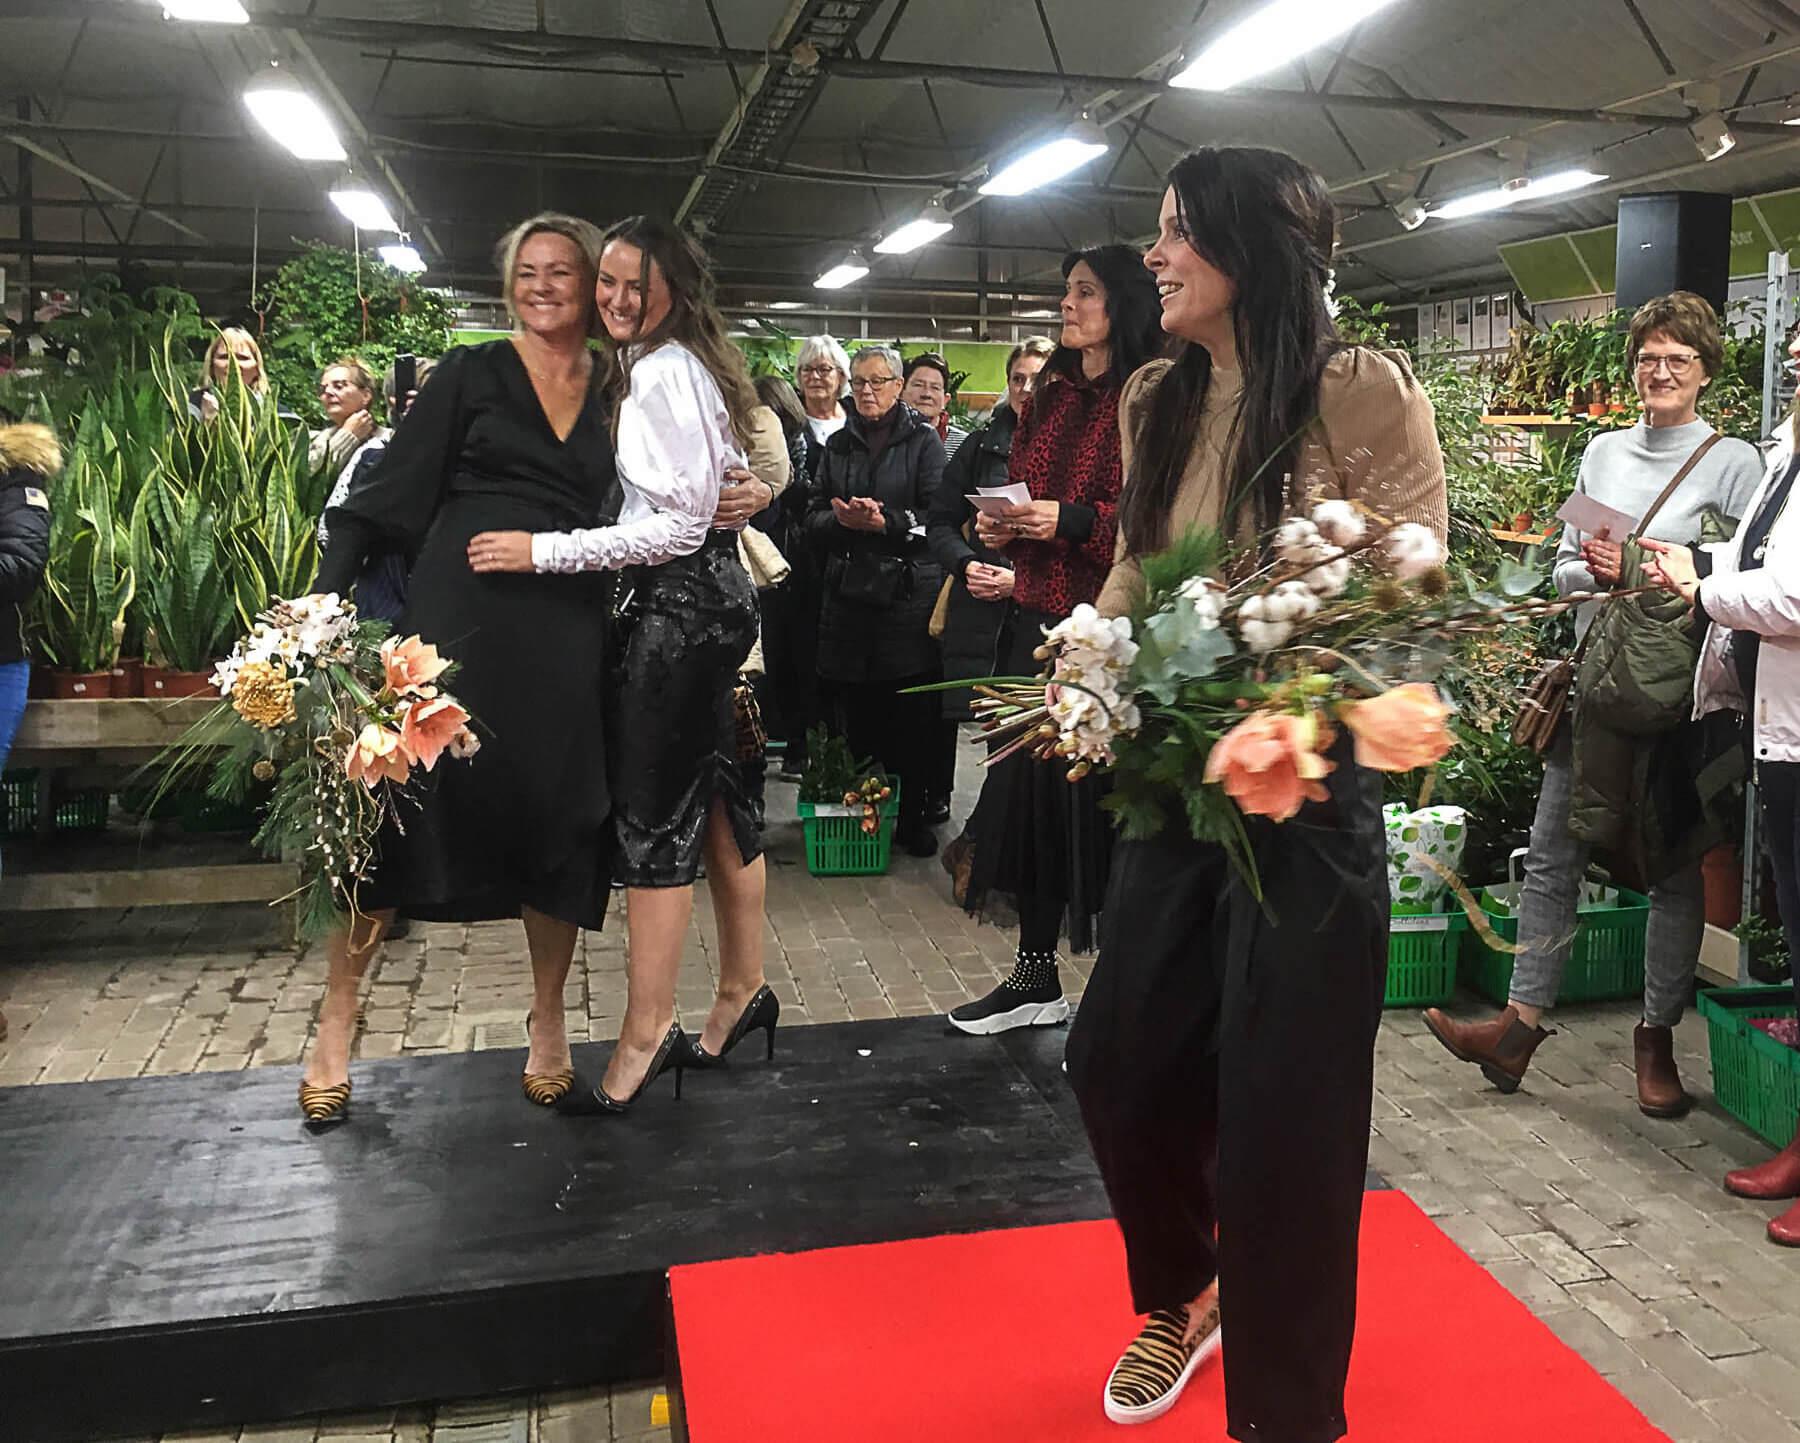 Tjejkväll! Här är det modevisning med modeller från Rocknromance som går på röda mattan. Evenemang på Sollidens handelsträdgård.